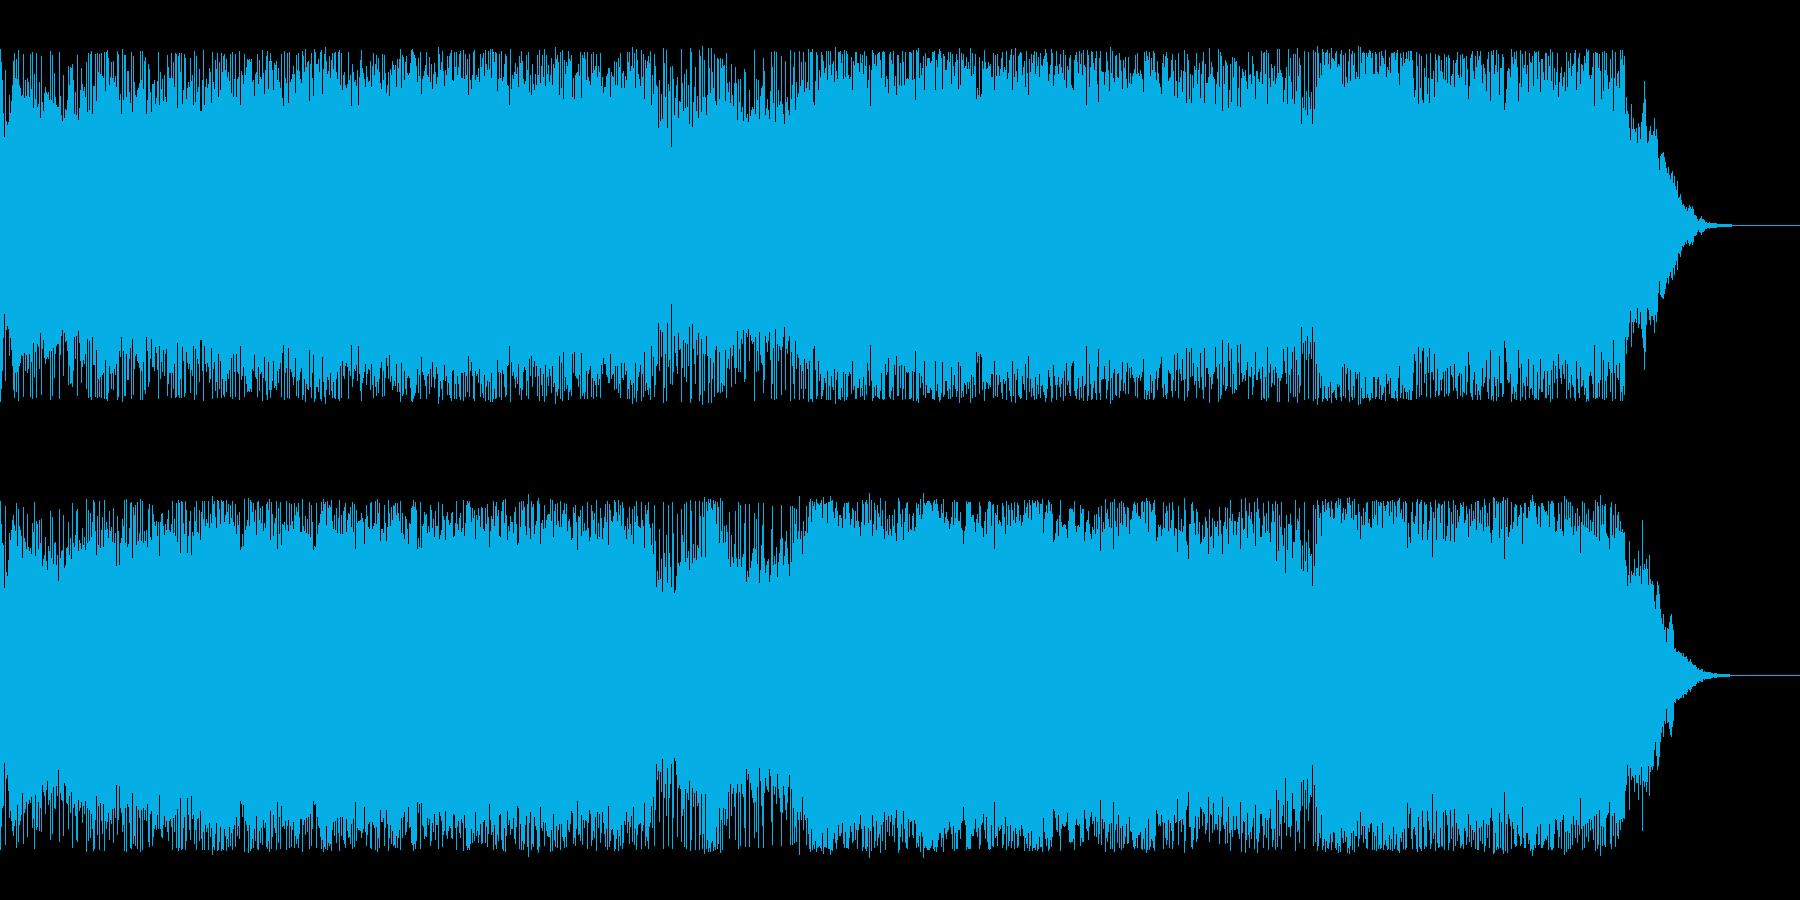 電脳世界のバトルのような激しいデジロックの再生済みの波形